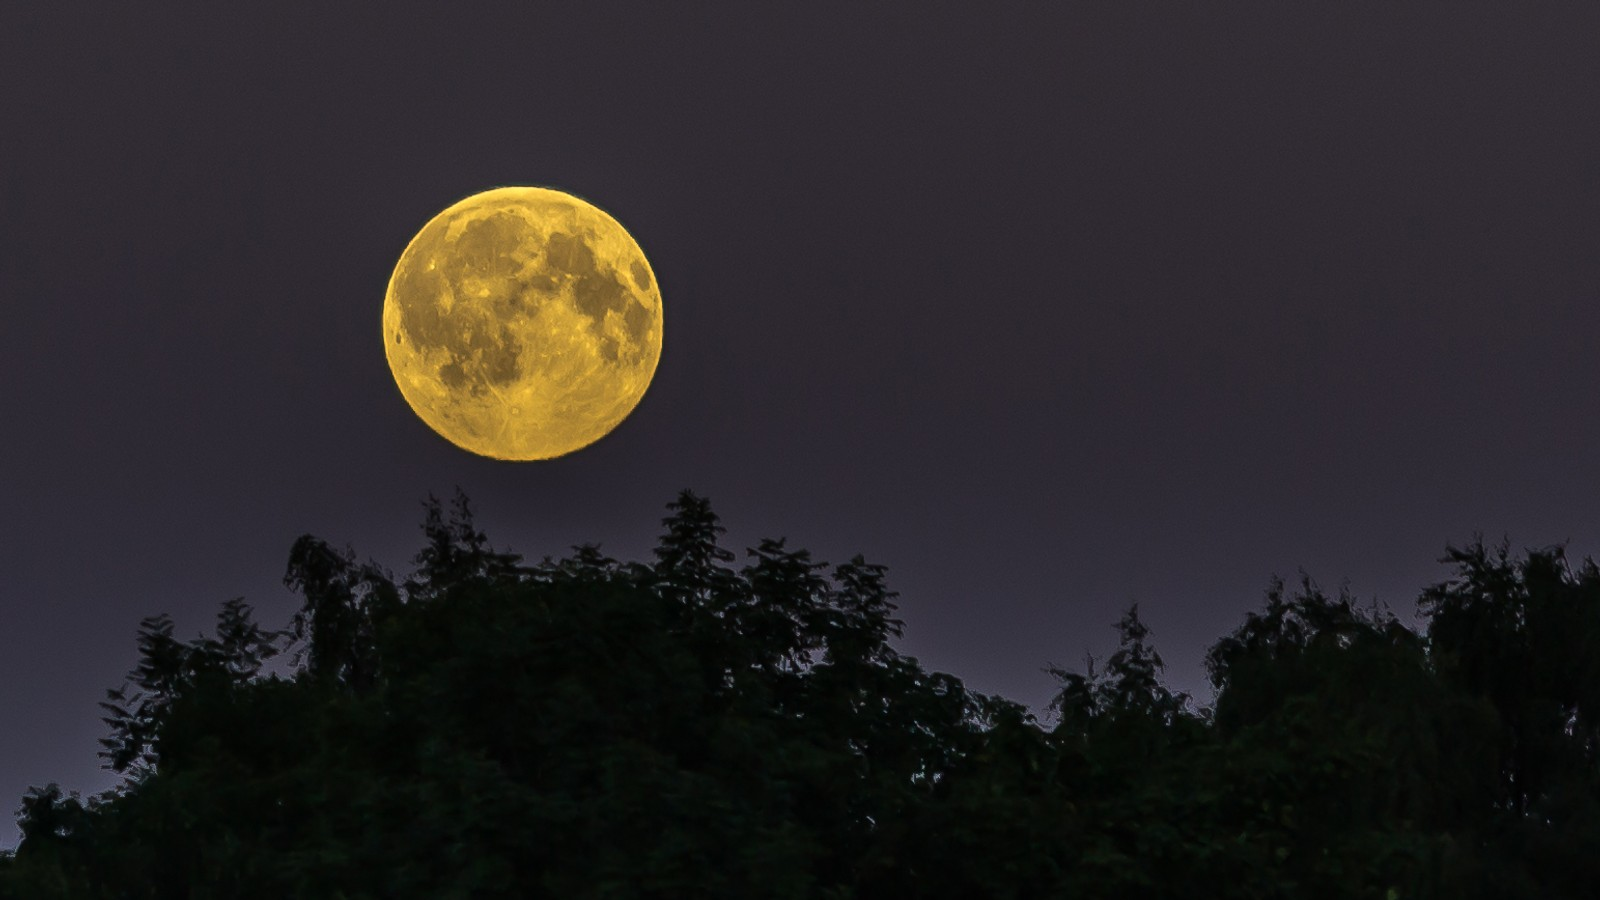 Fullmåne i juli, sett fra Lade